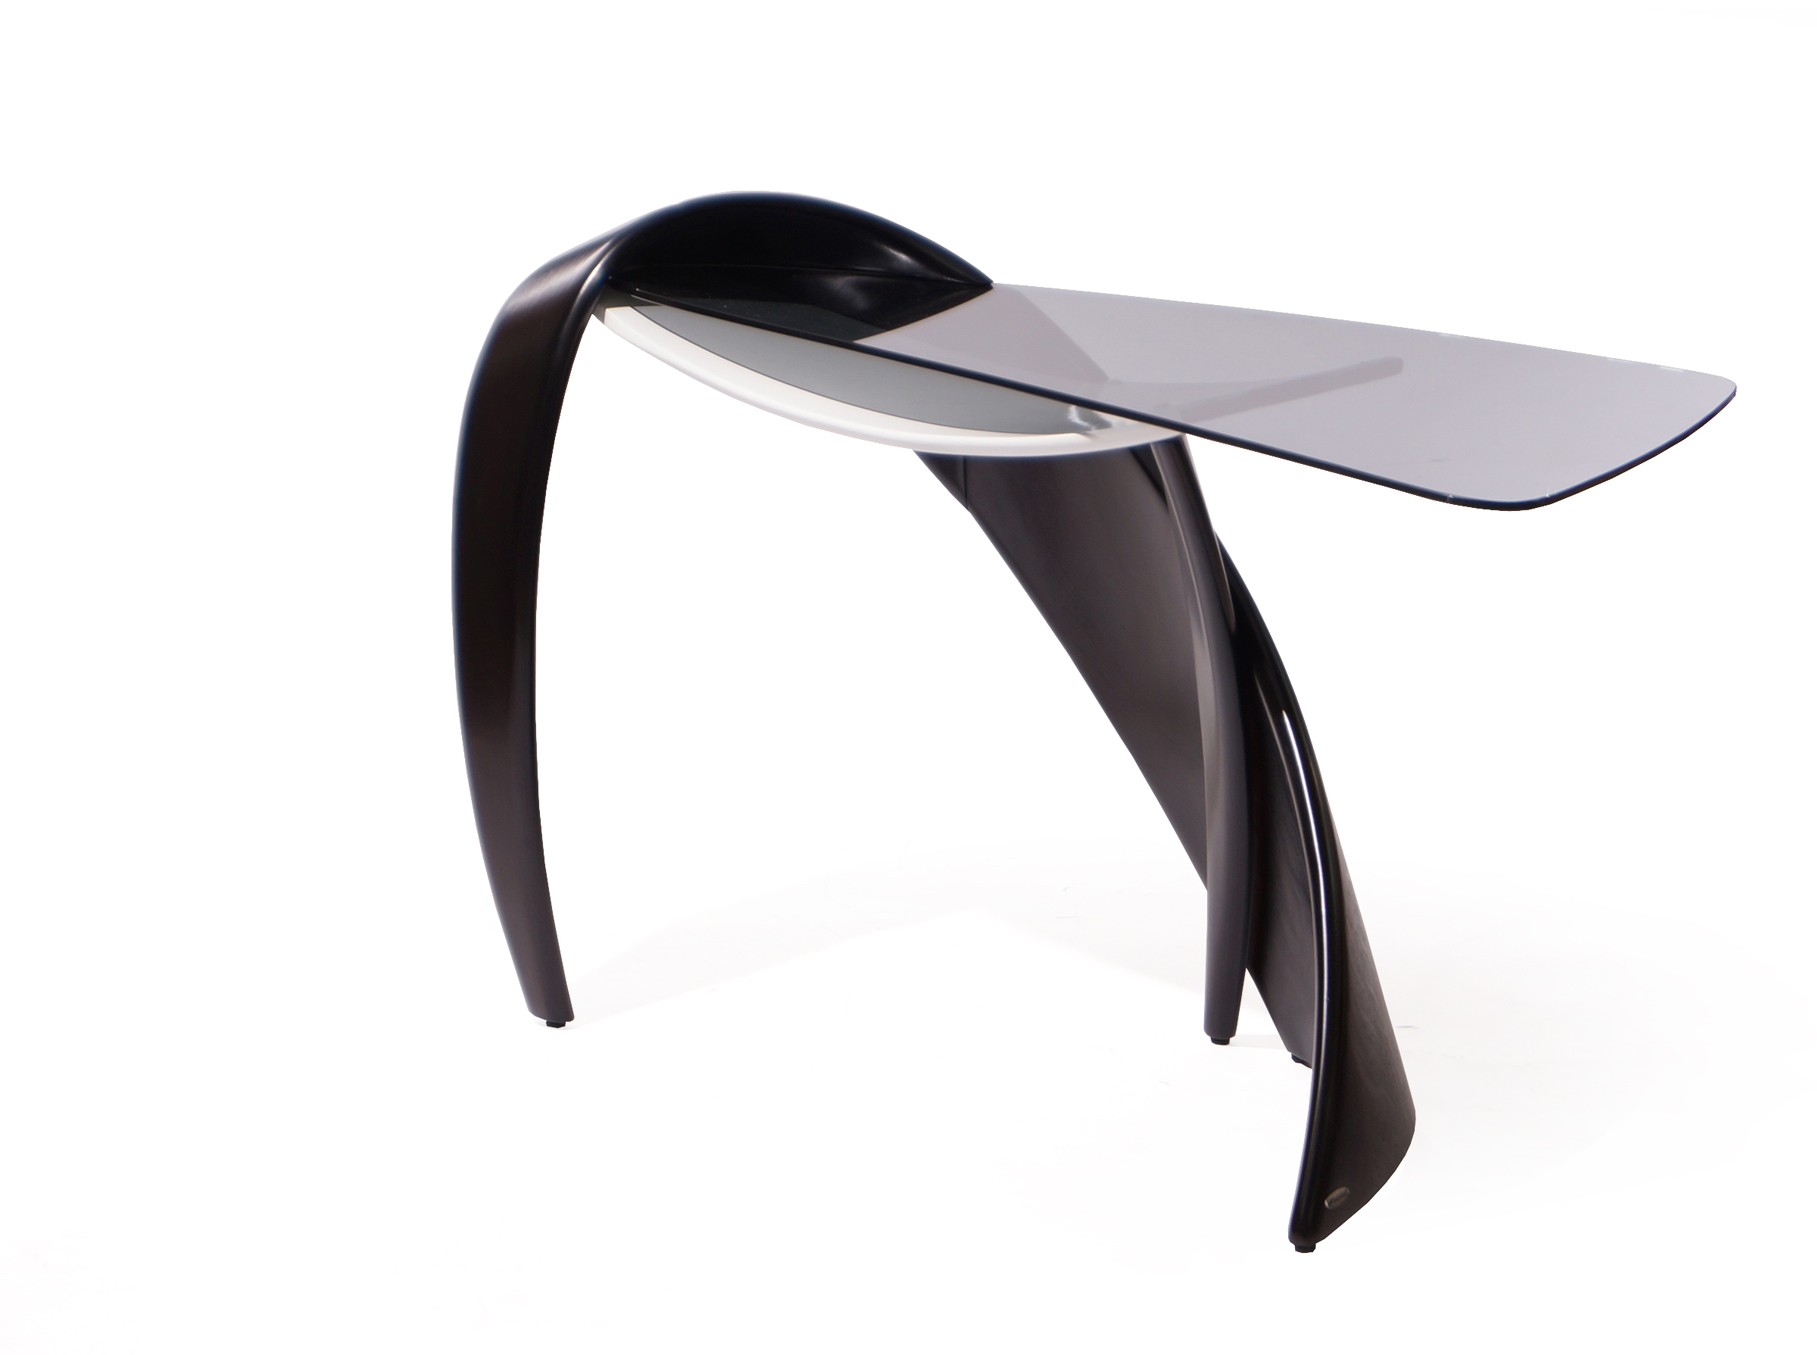 Стол BrazoТуалетные столики<br>стол туалетный из асимметричной коллекции для спальной. Может использоваться как небольшой письменный стол для работы за ноутбуком.&amp;amp;nbsp;&amp;lt;div&amp;gt;&amp;lt;br&amp;gt;&amp;lt;/div&amp;gt;&amp;lt;div&amp;gt;Материал<br>Натуральное дерево/береза /9т венге&amp;lt;/div&amp;gt;<br><br>Material: Стекло<br>Length см: None<br>Width см: 128<br>Depth см: 56<br>Height см: 87